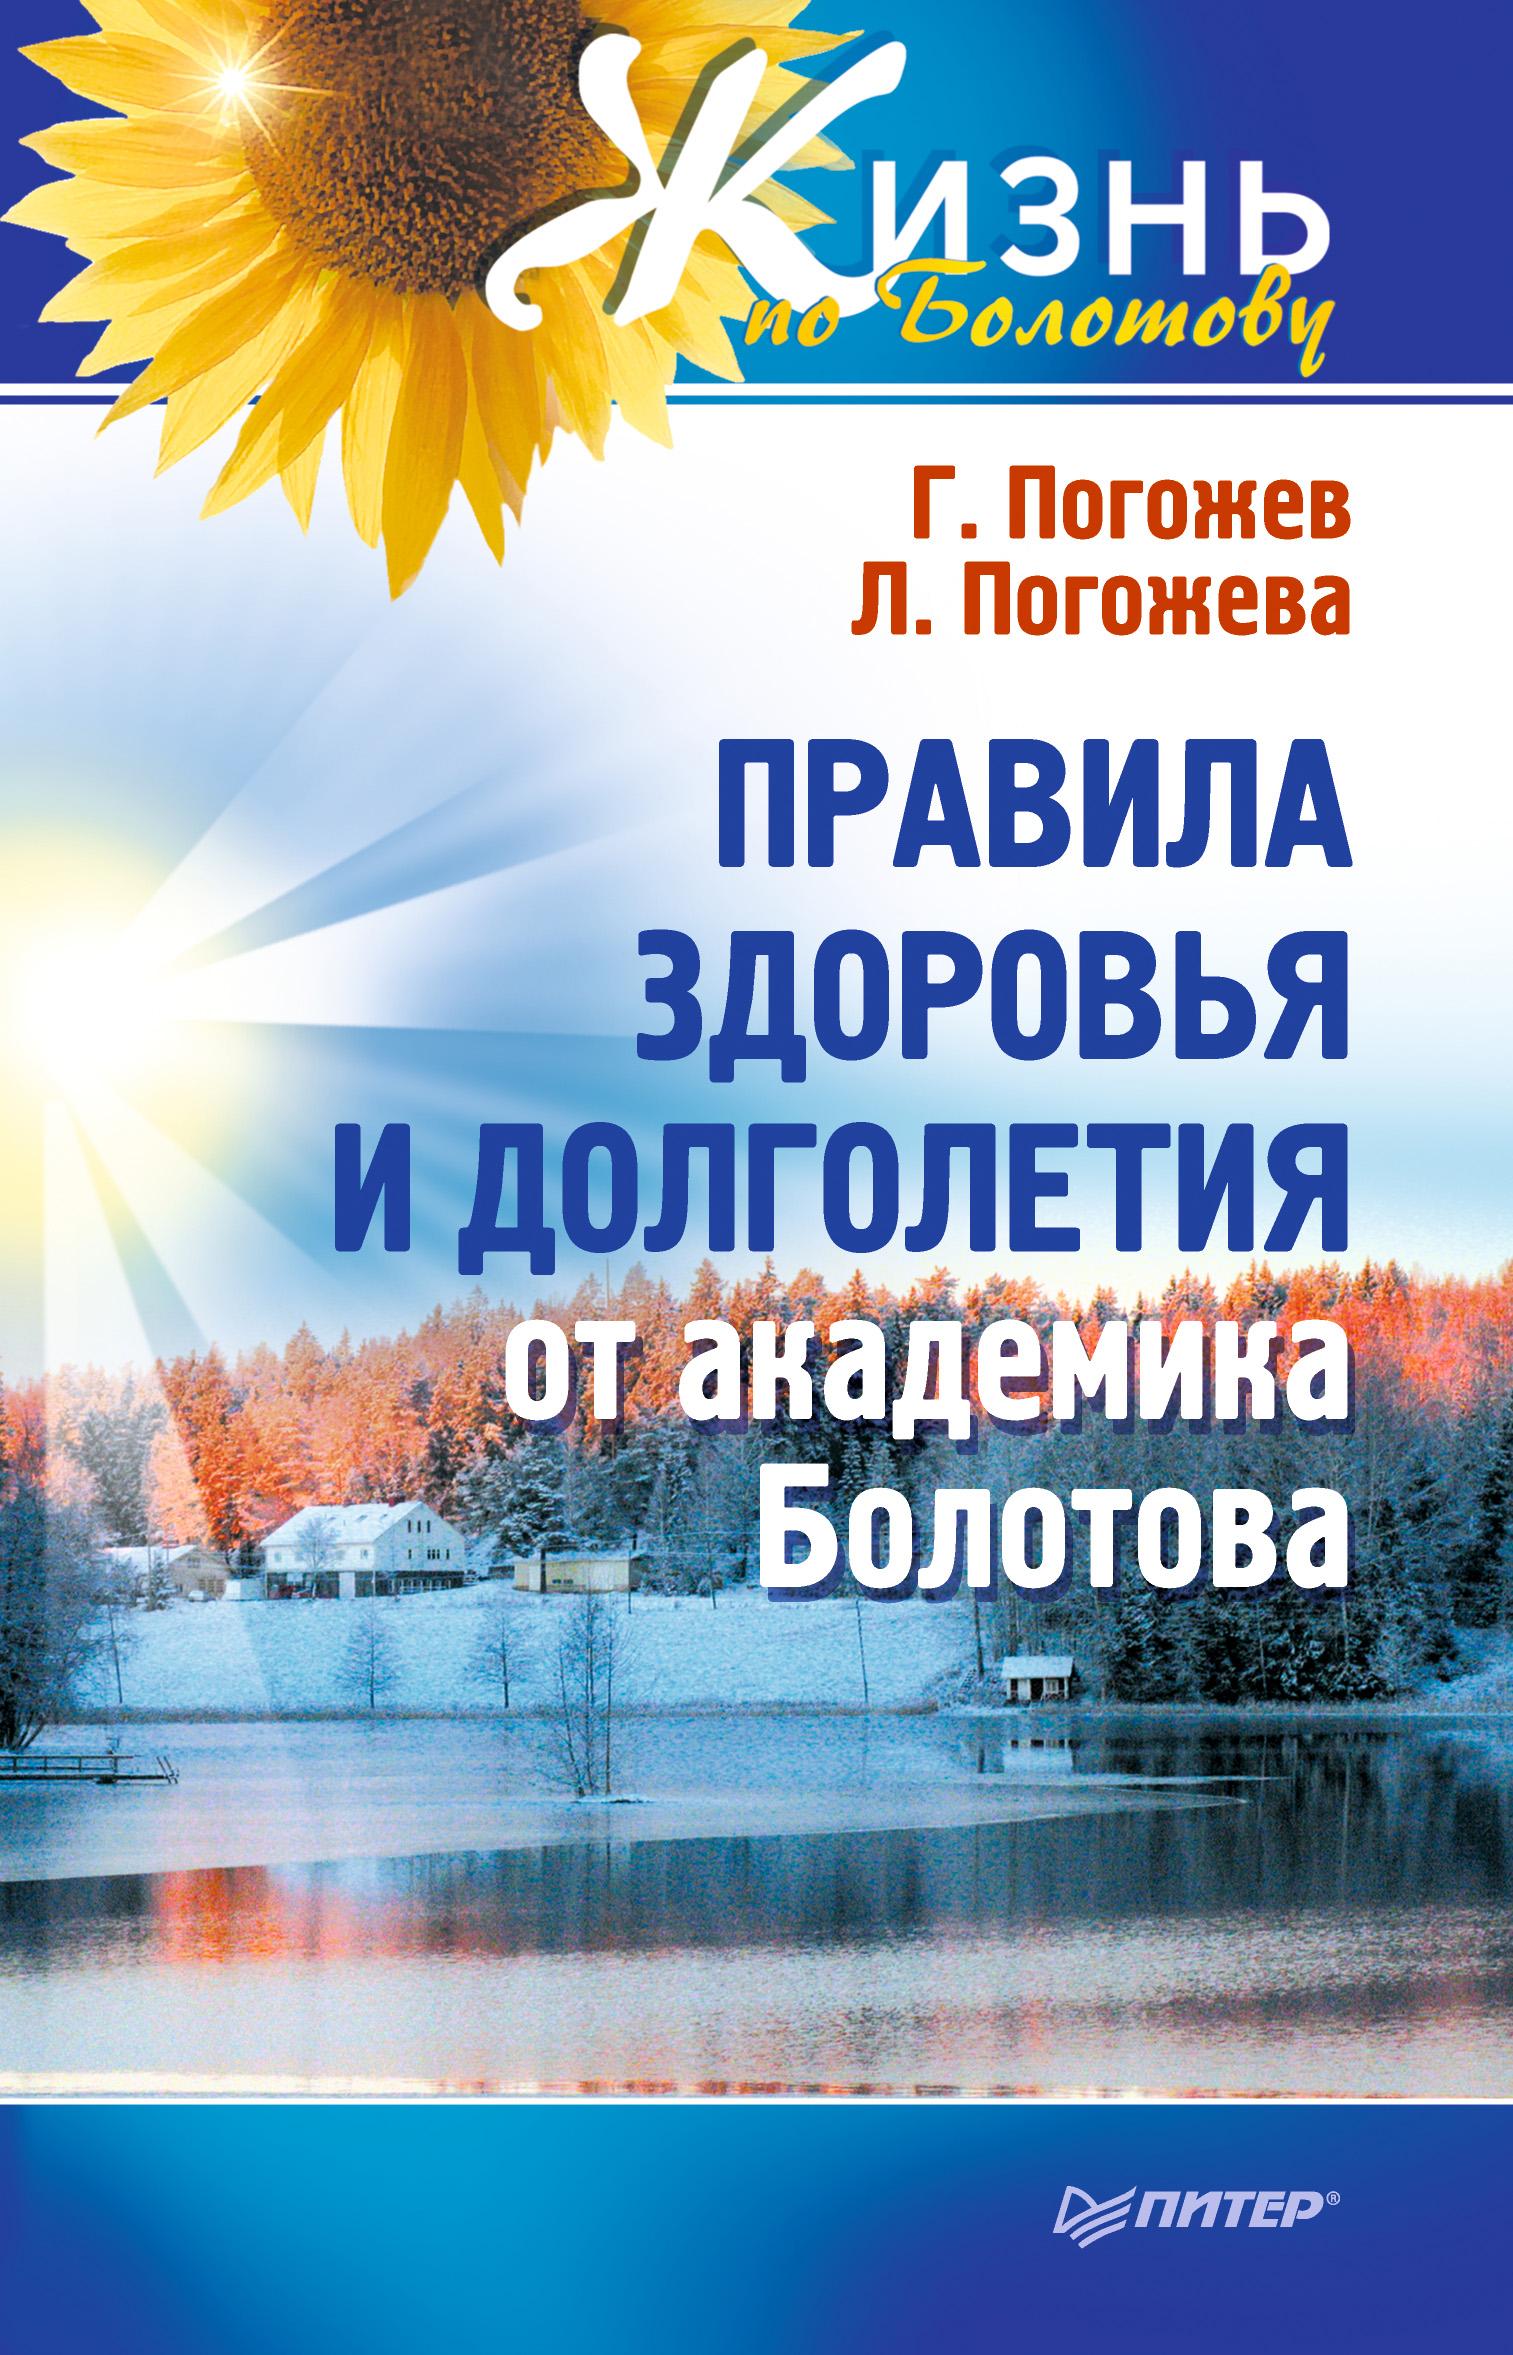 Лариса Погожева, Глеб Погожев «Правила здоровья и долголетия от академика Болотова»